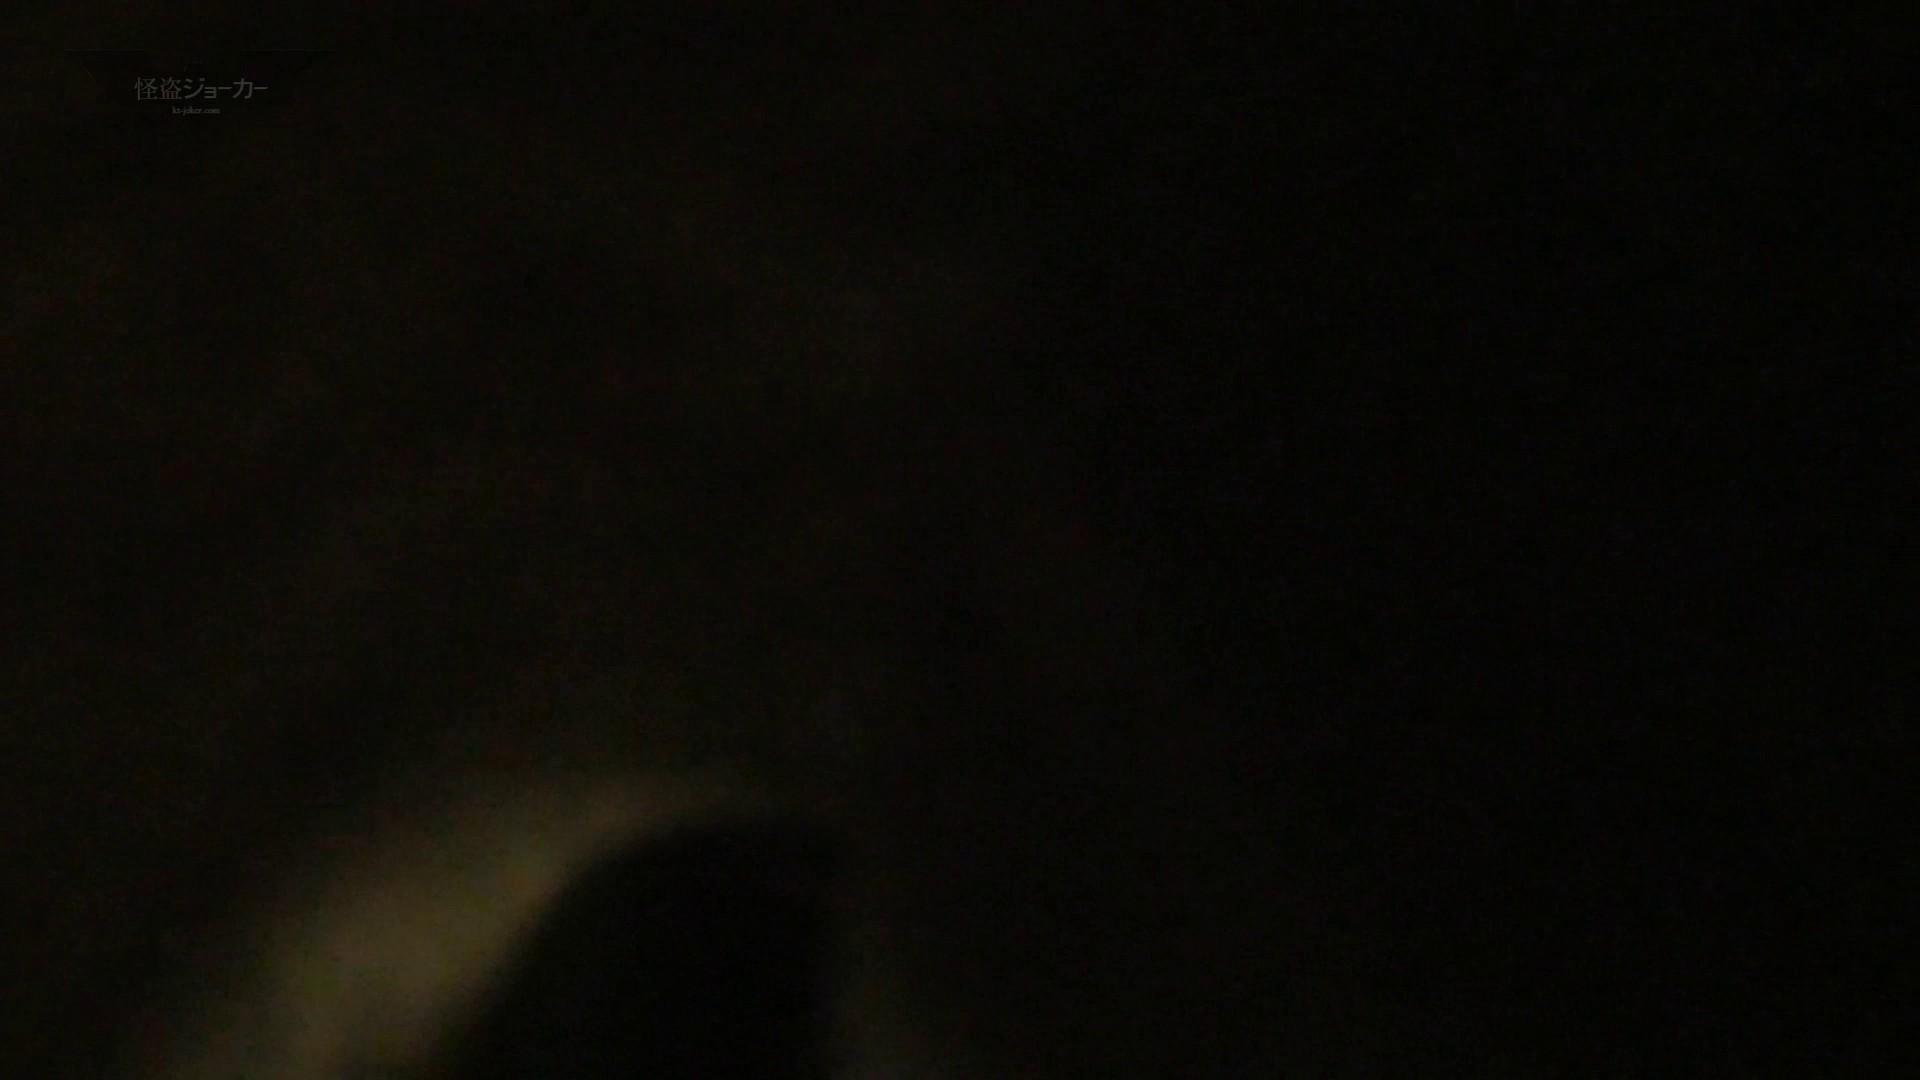 トイレ盗撮|机の下の世界 Vol.03 人生色々、生足も色々!!|怪盗ジョーカー